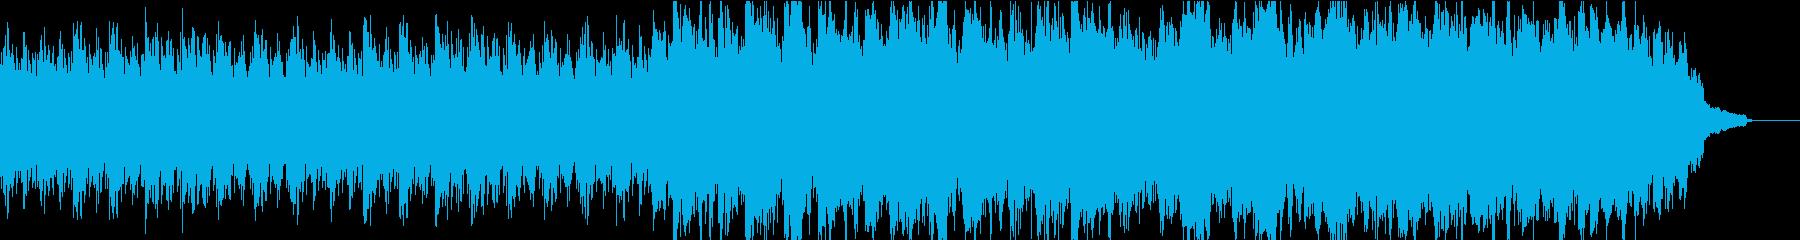 優しく感動的なピアノ+オケ⑤高音弦なしの再生済みの波形